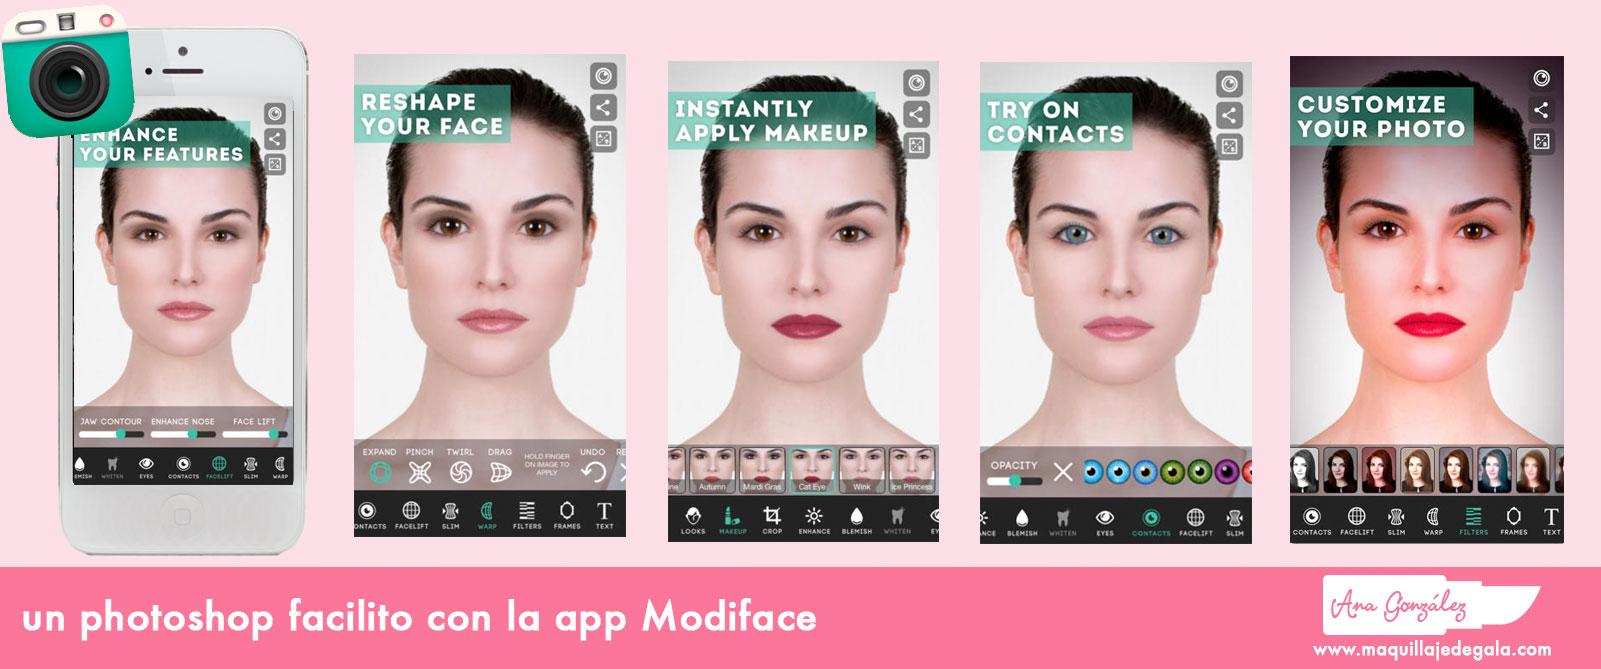 app_modiface